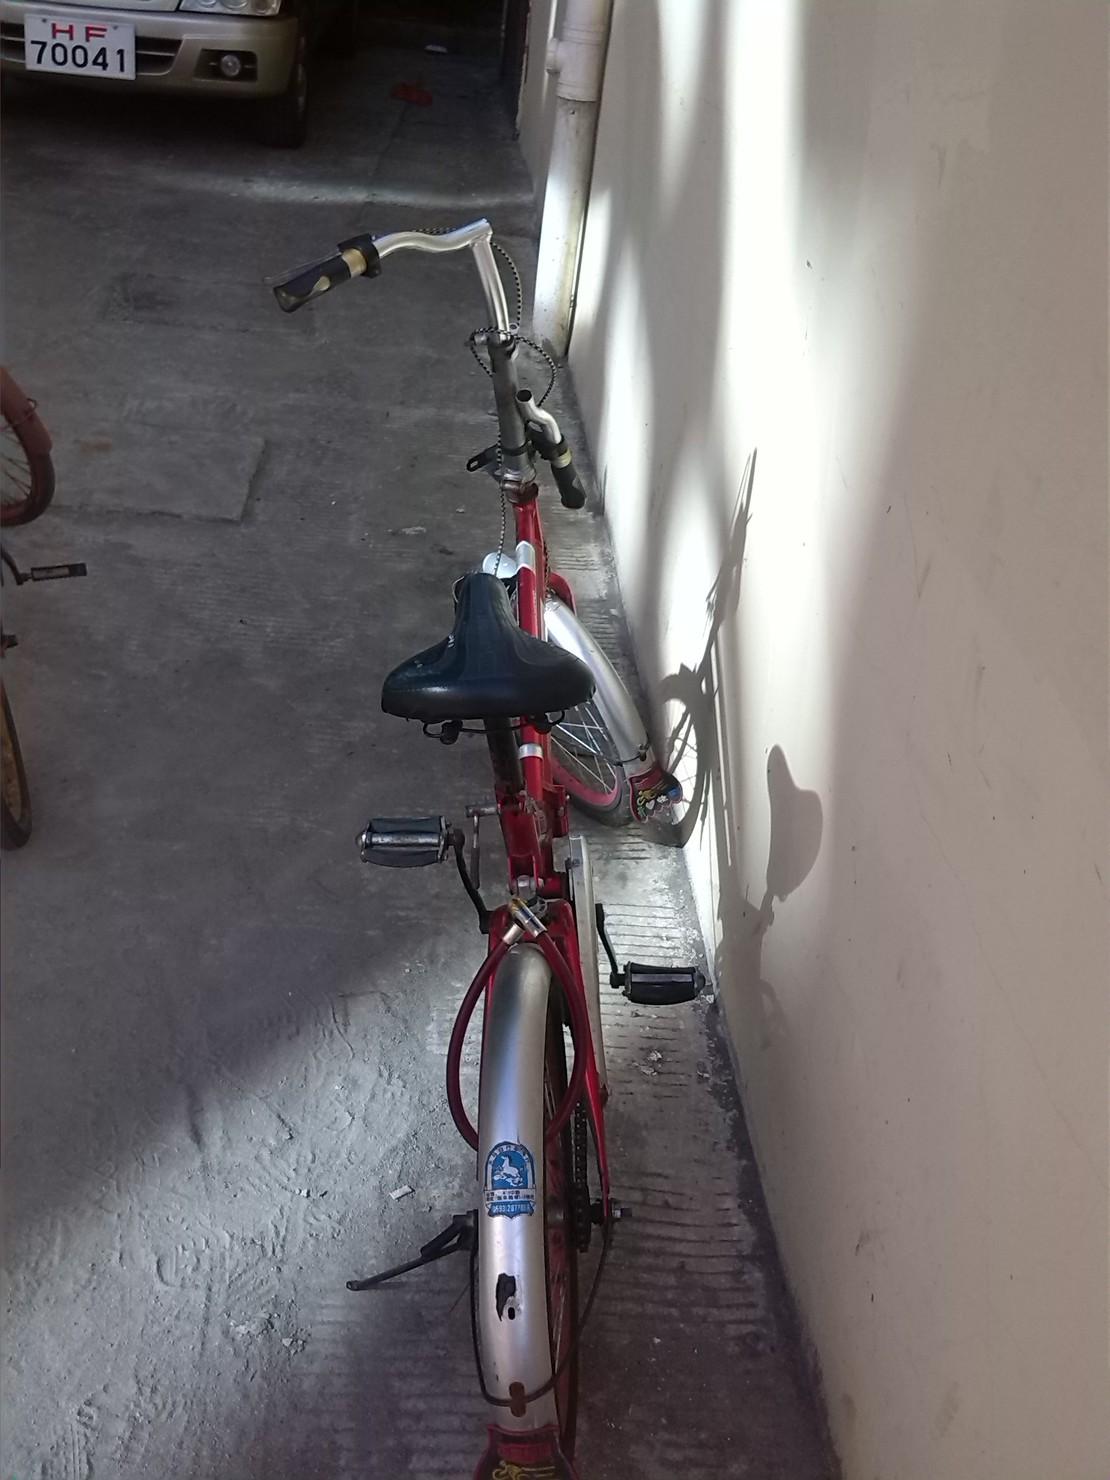 哈哈,刚看到的,骑这个自行车的肯定是杨过!! 姑姑,你怎么看?